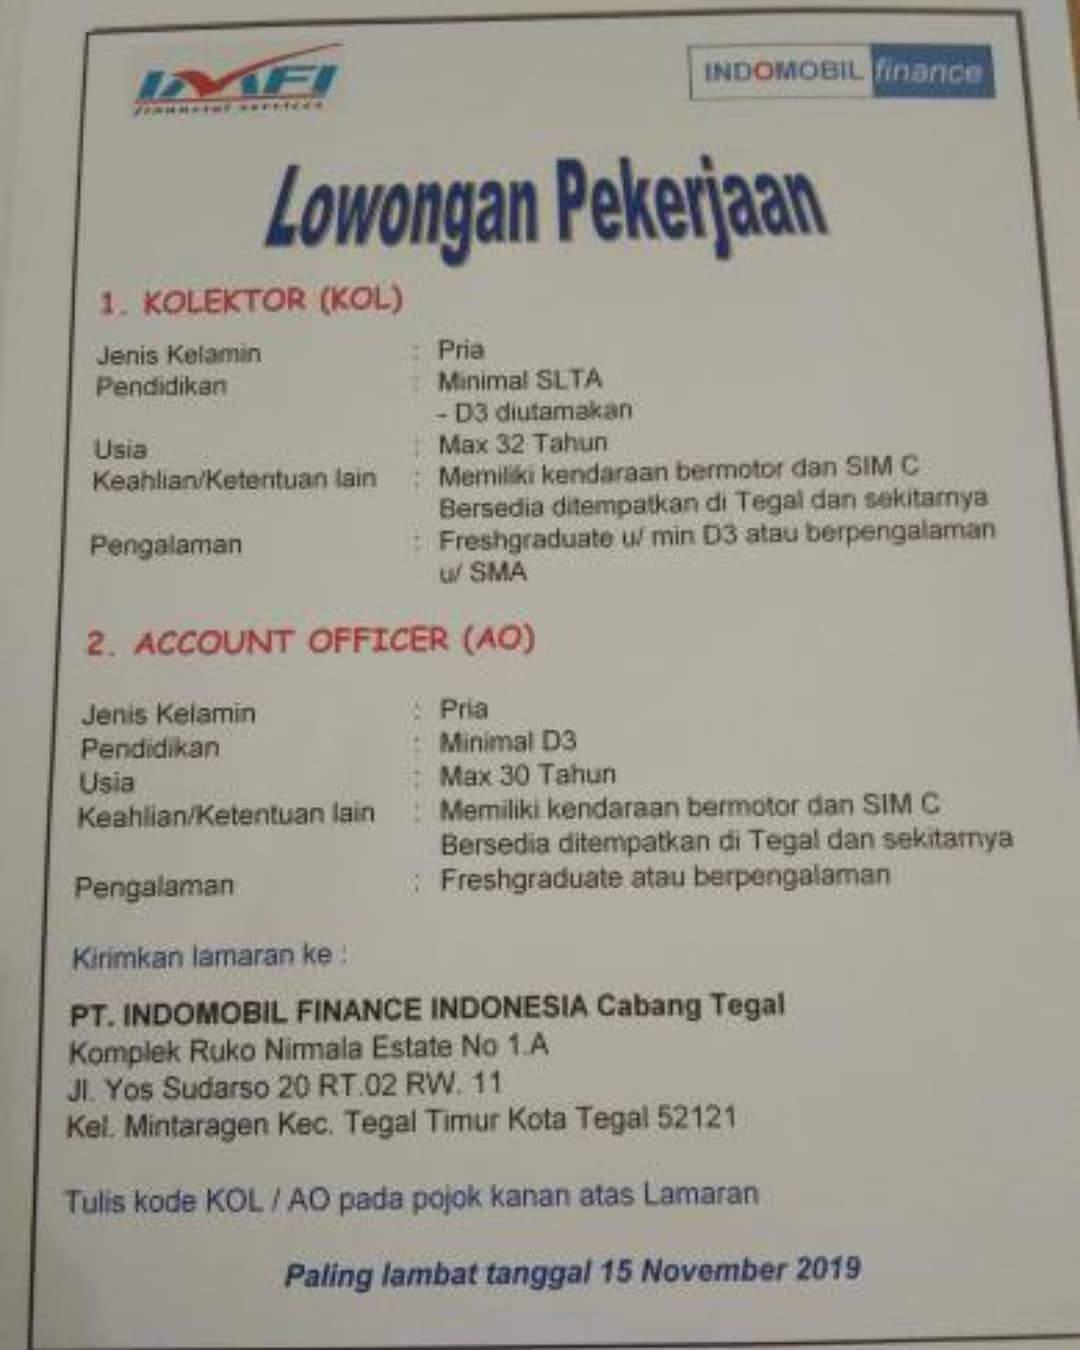 PT. INDOMOBIL FINANCE INDONESIA Cabang Tegal